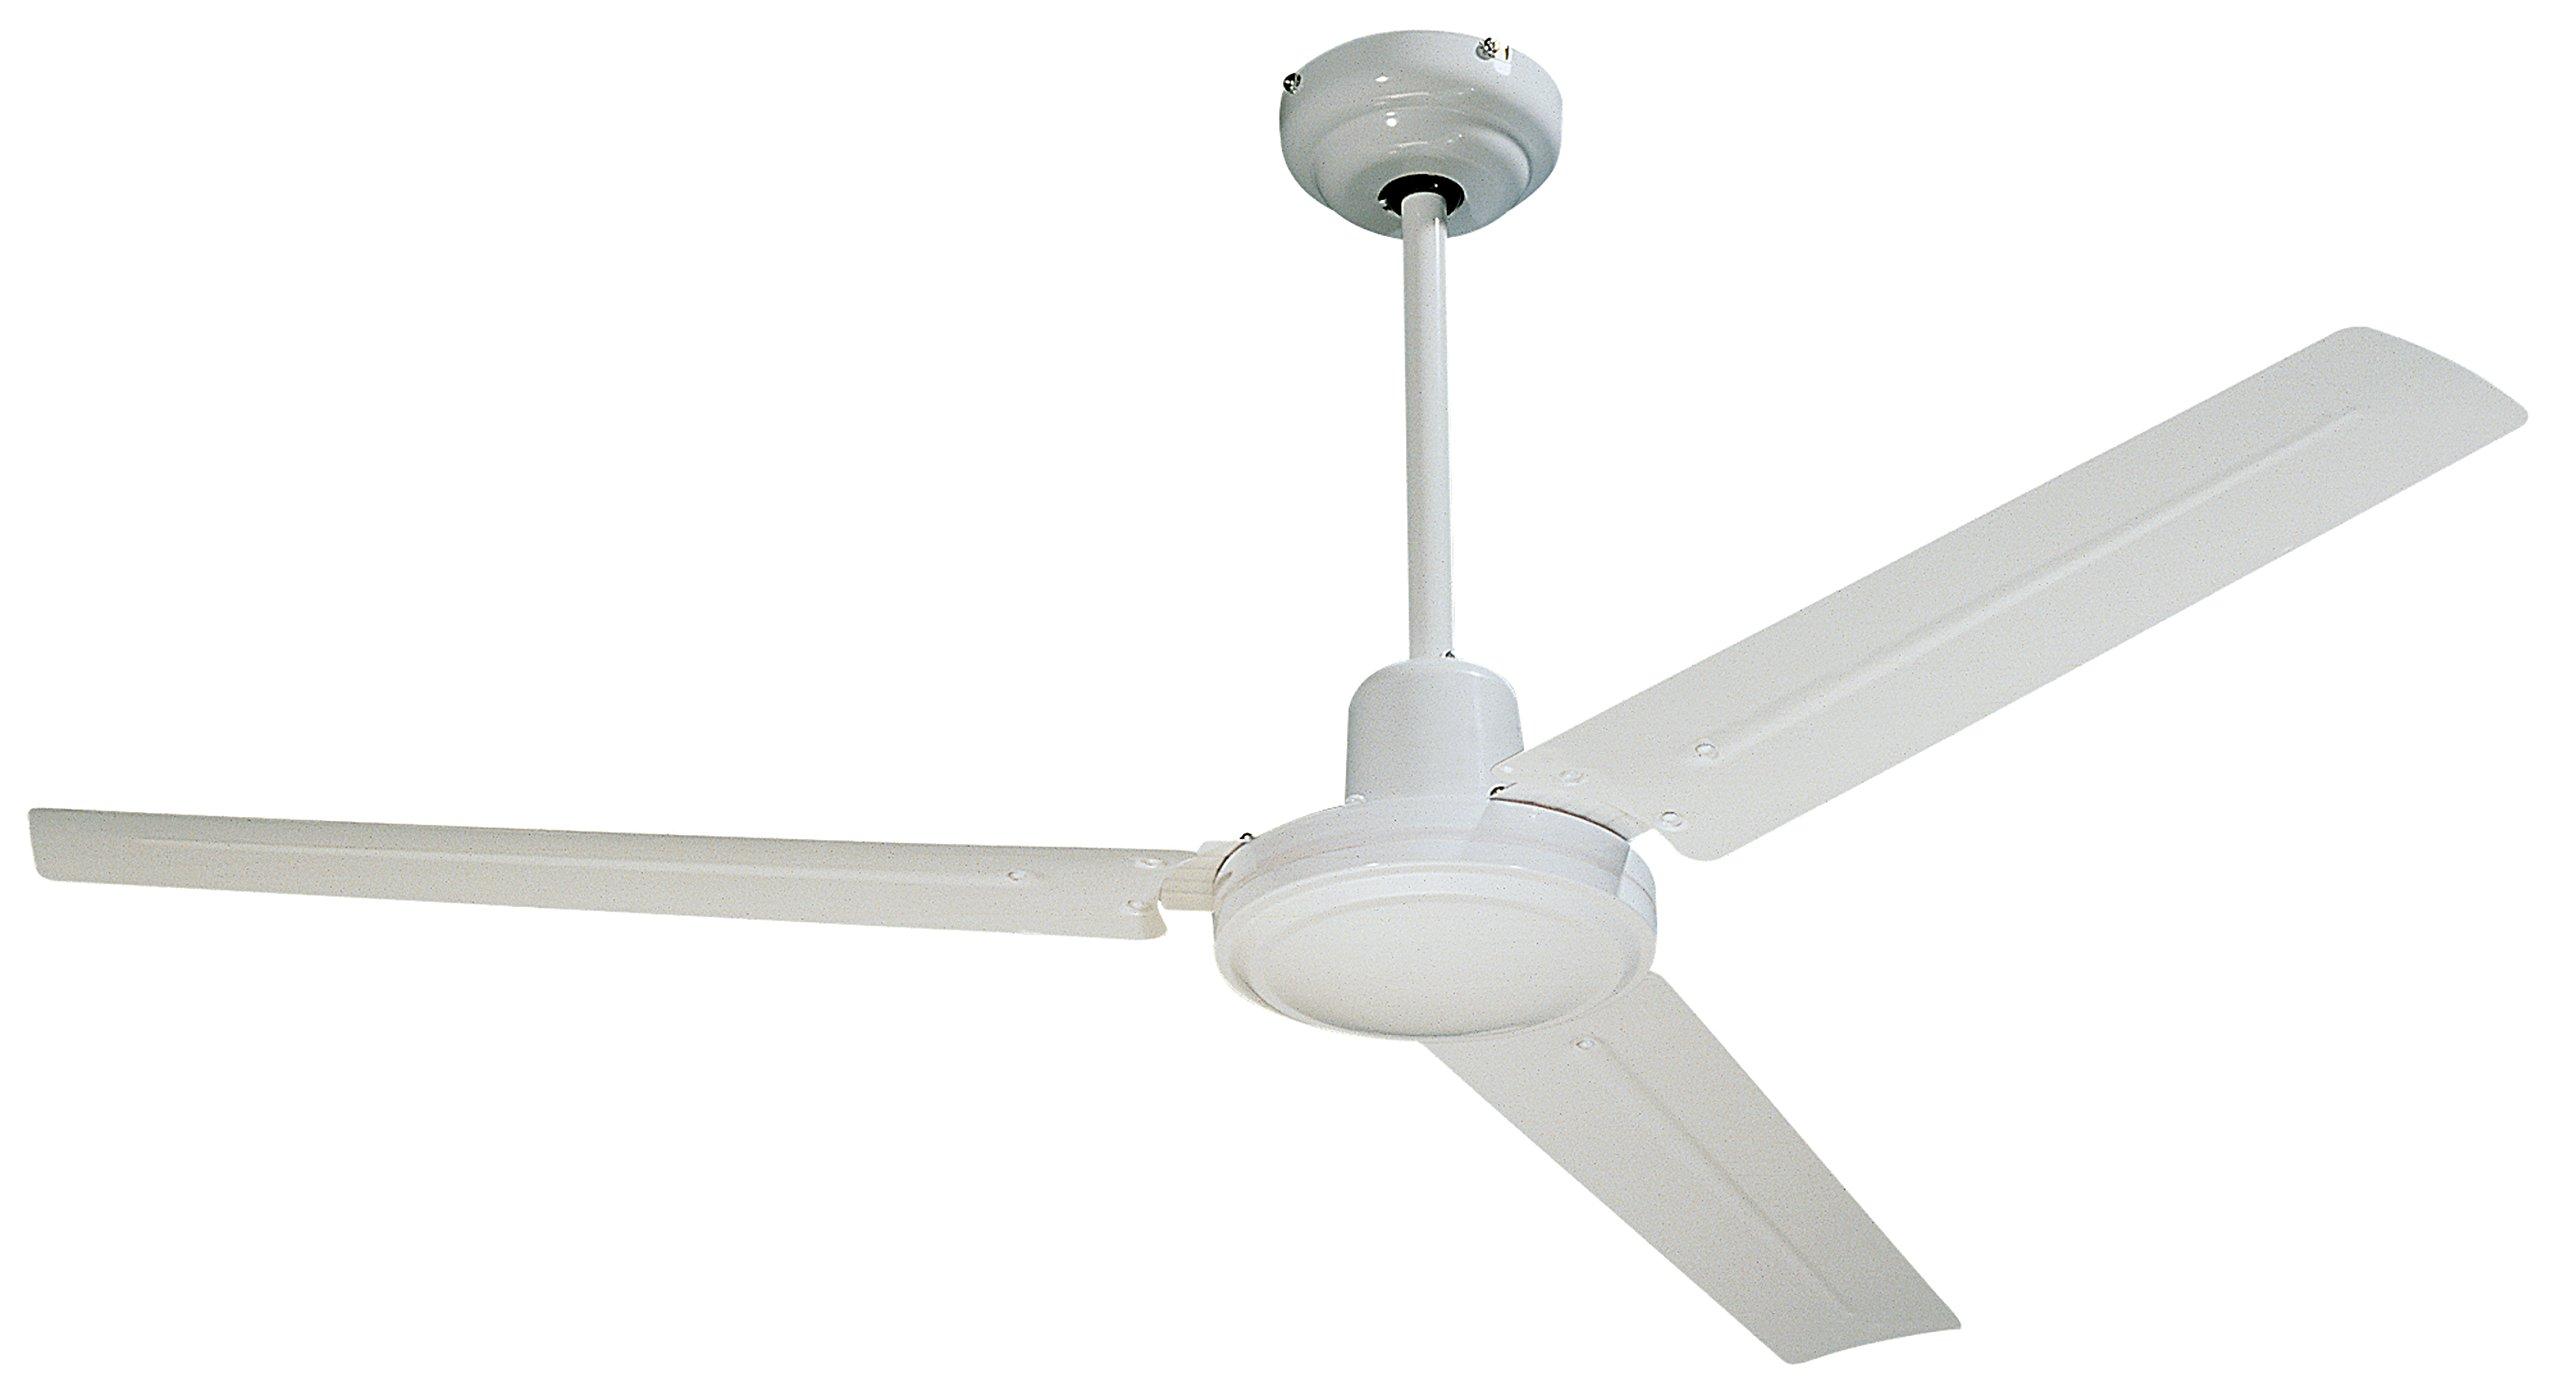 Farelek Seychelles Ventilateur de plafond 122 cm Blanc product image